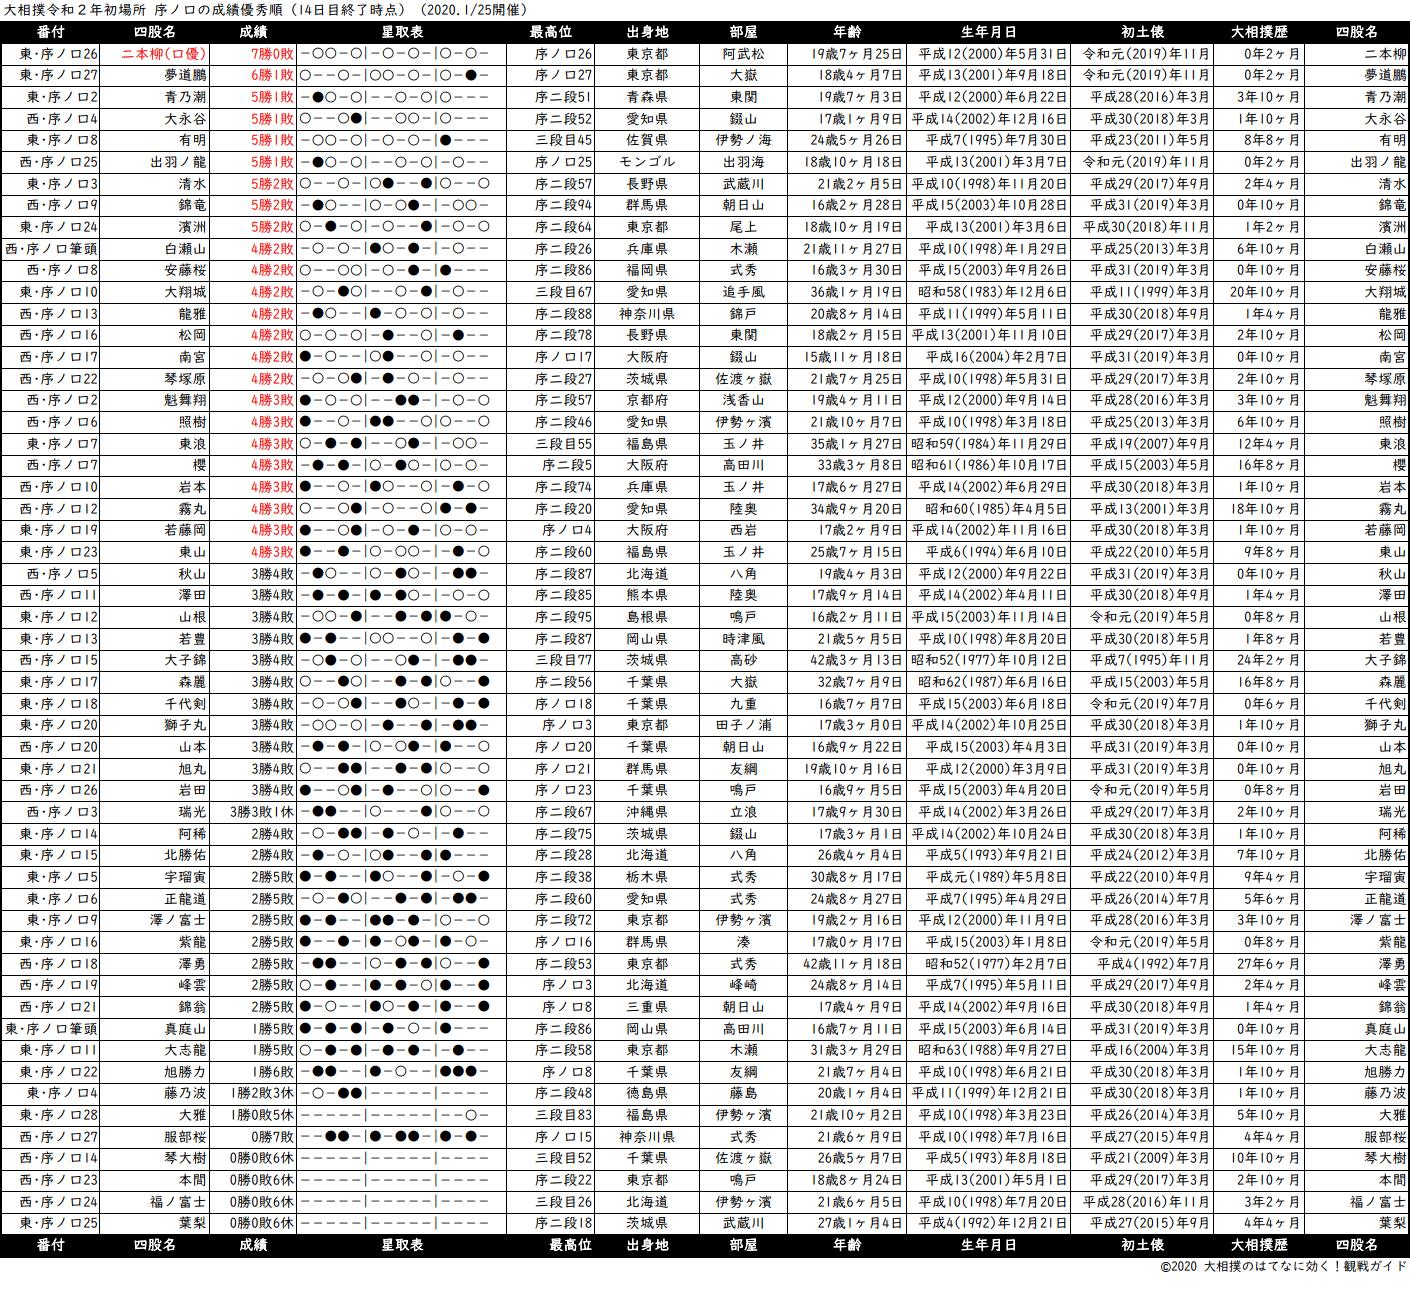 序ノ口成績順一覧表・2020年1月場所14日目